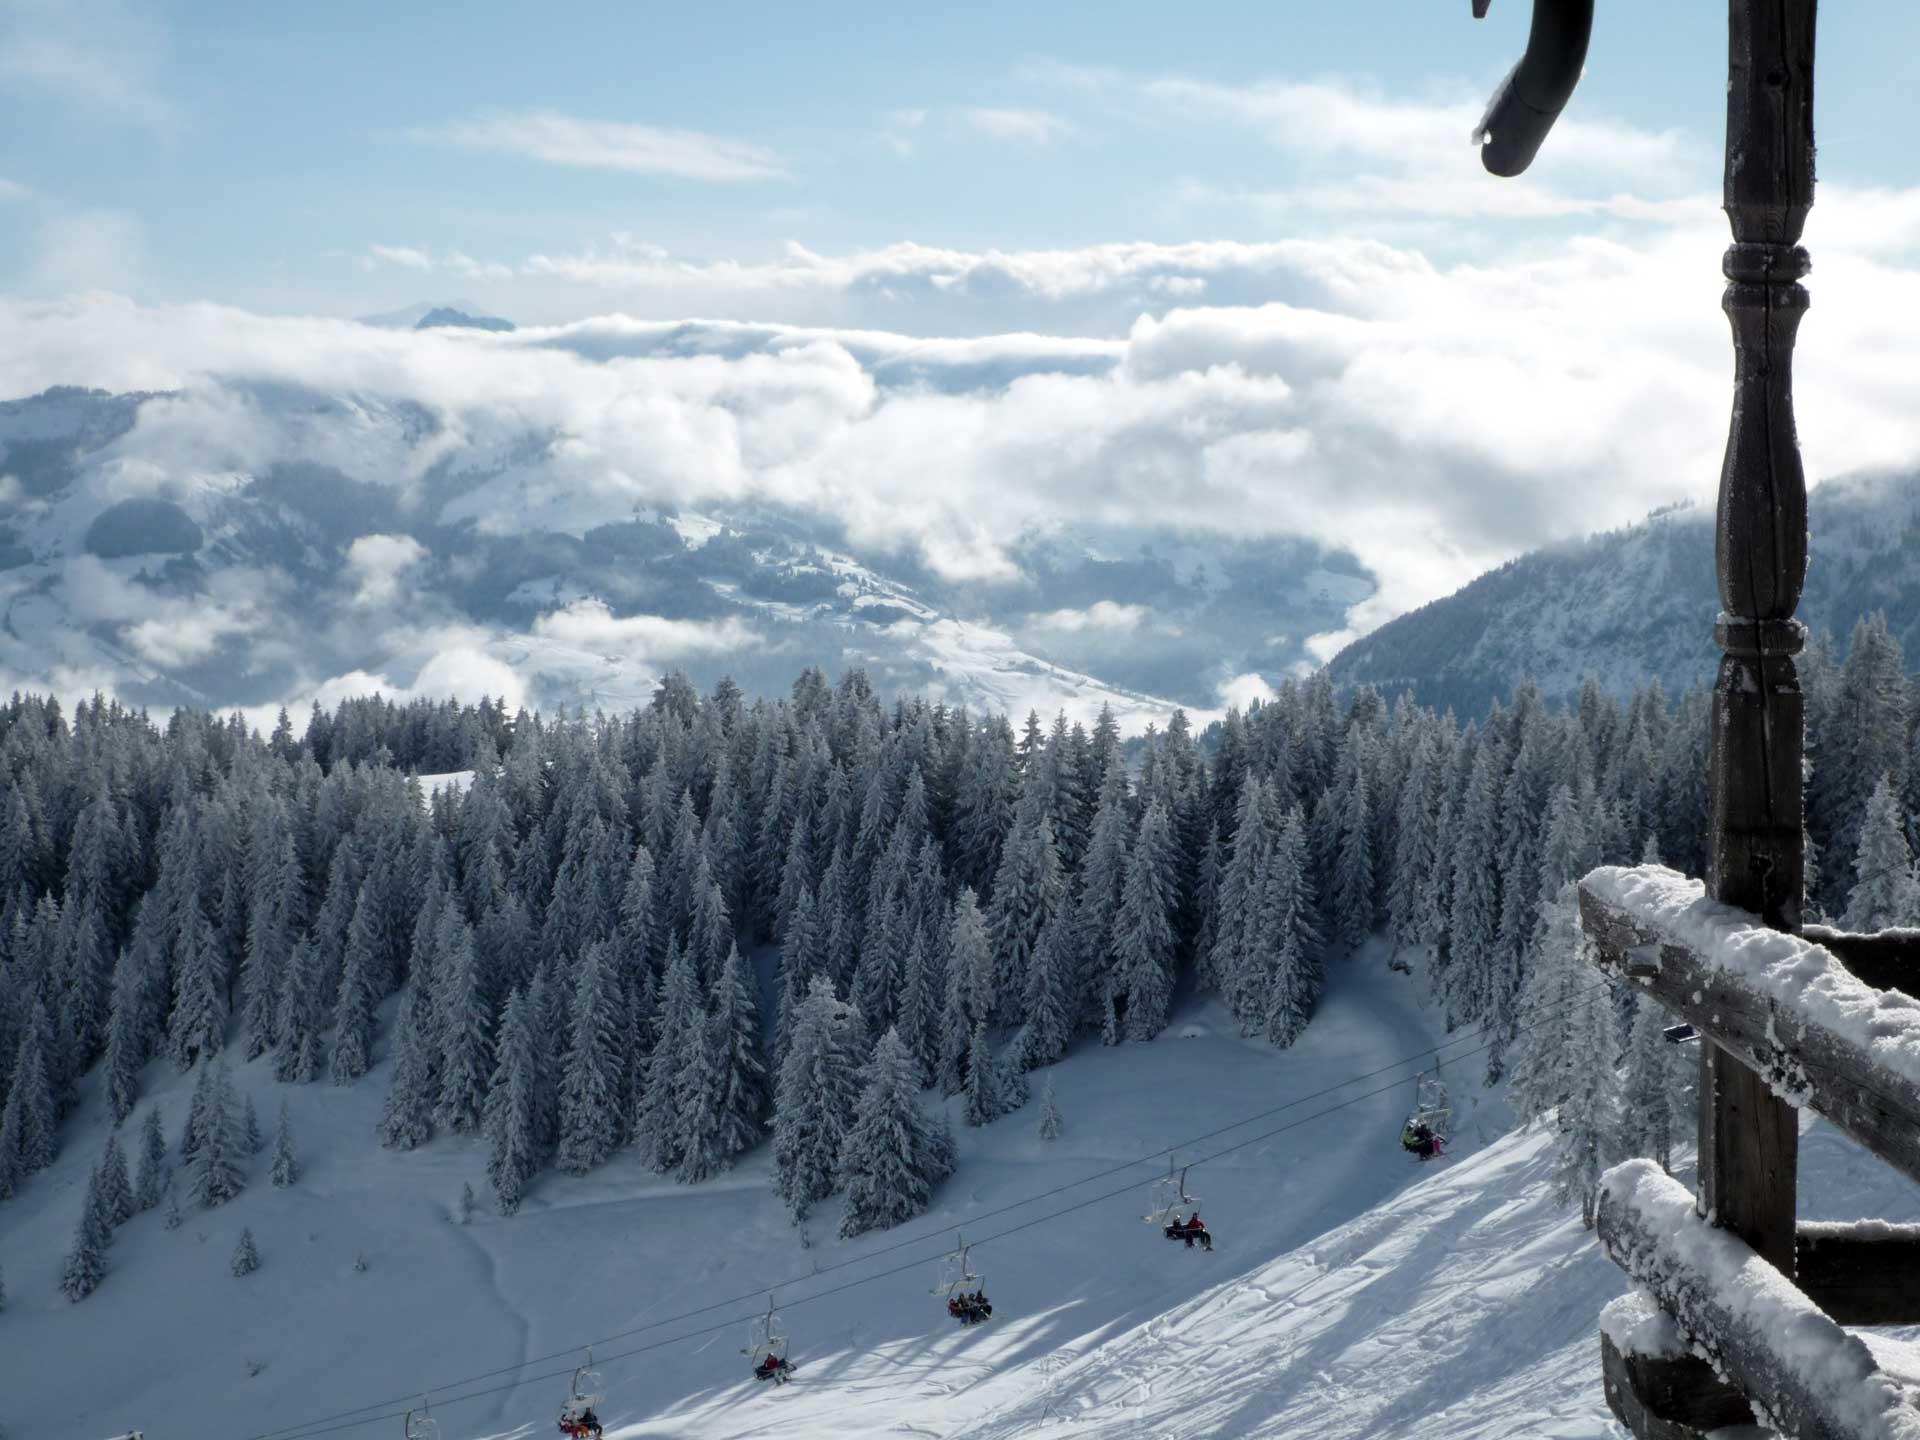 Snow Forecasts for 240 Swiss Ski Areas - 25 Mar 2019 | J2Ski